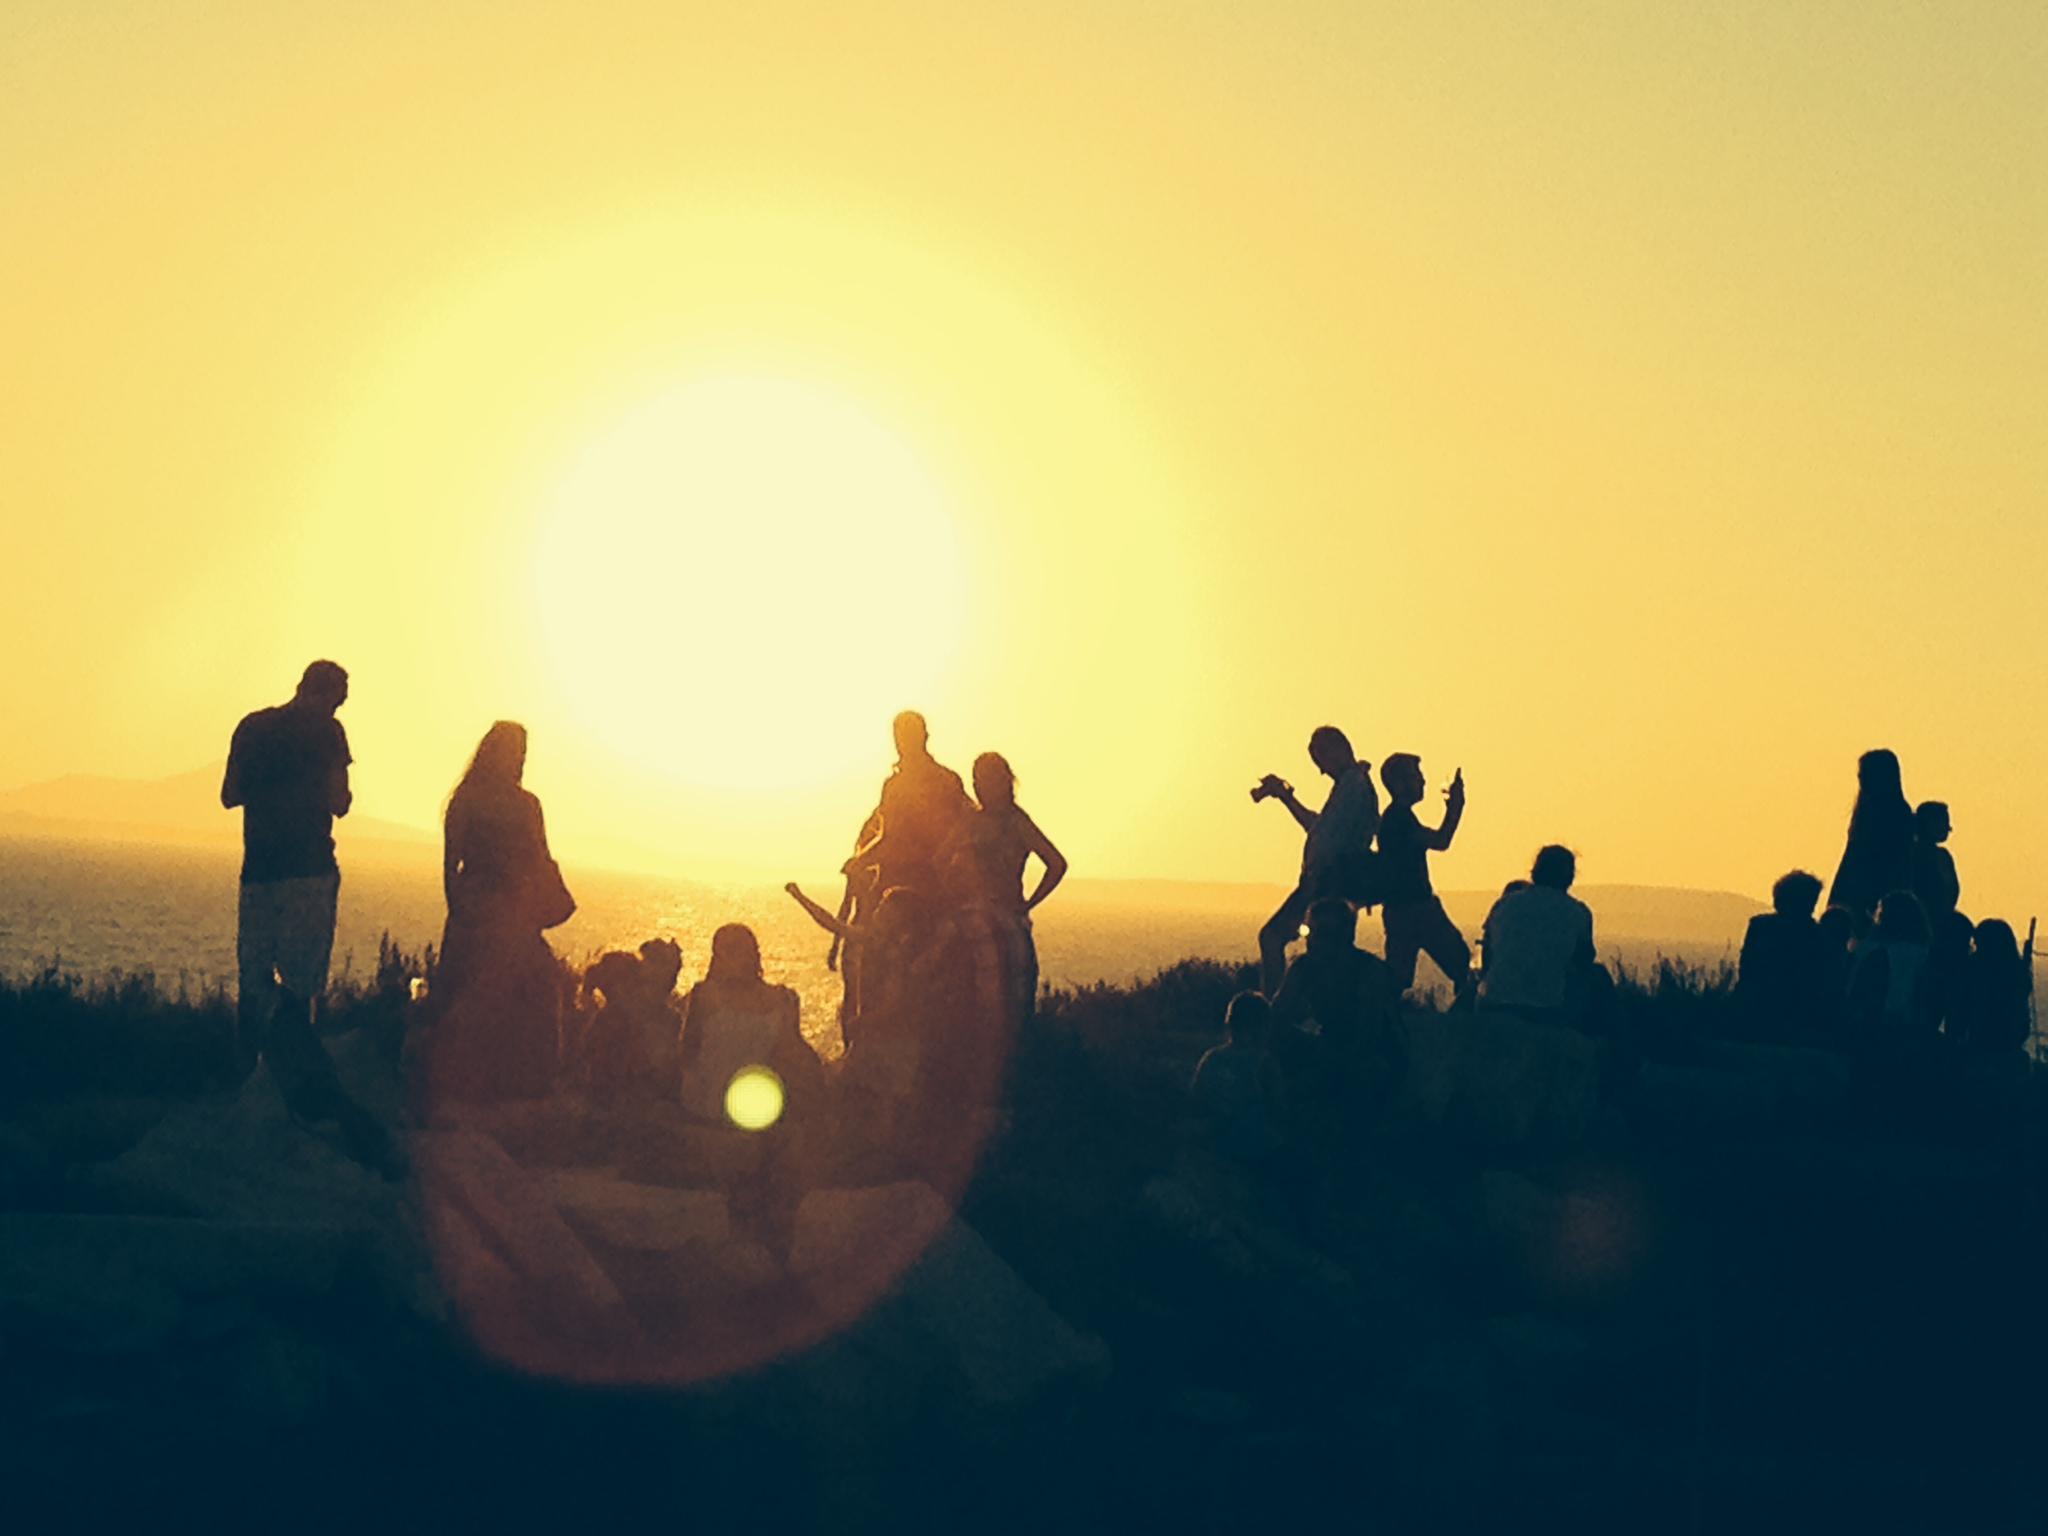 Auf Naxos sonnte sich Martina Bonenberger. Die Menschen auf dem Bild tanzen nicht, sondern fotografieren sich selbst und die Umgebung.